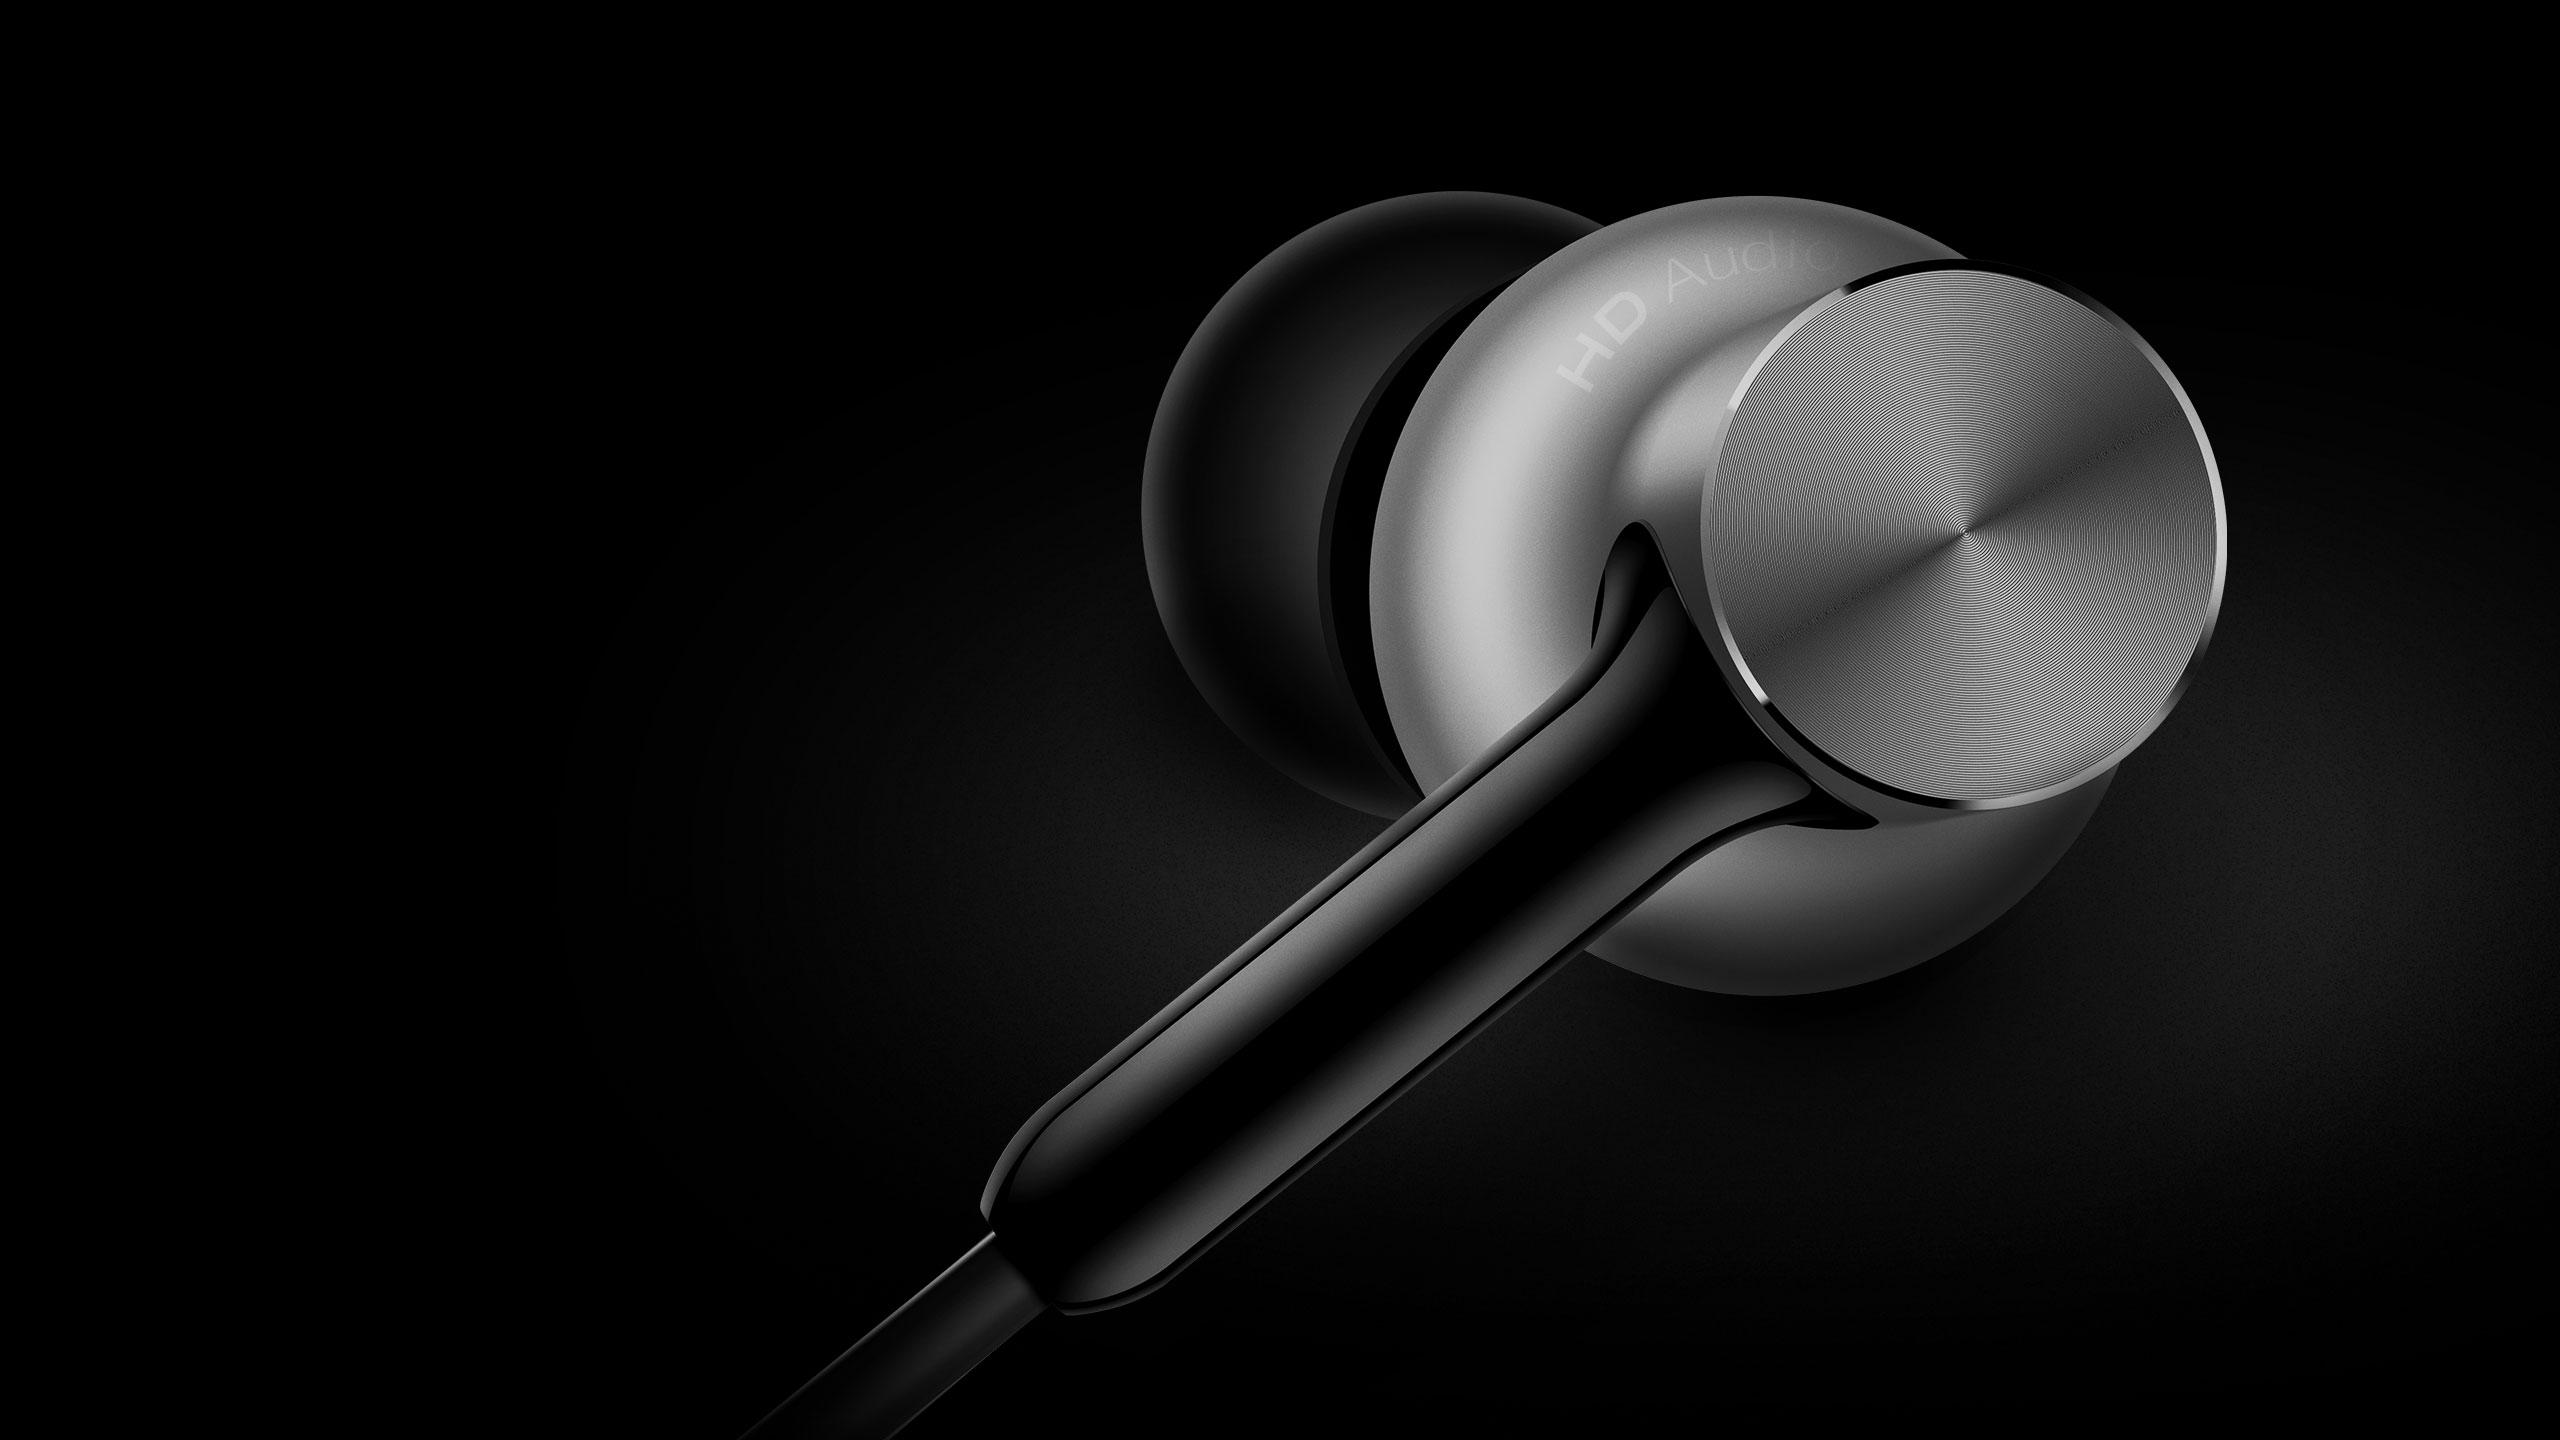 🔥 Bon plan : les Xiaomi Mi In-Ear Headphones Pro HD sont à 11 euros avec ce code promo